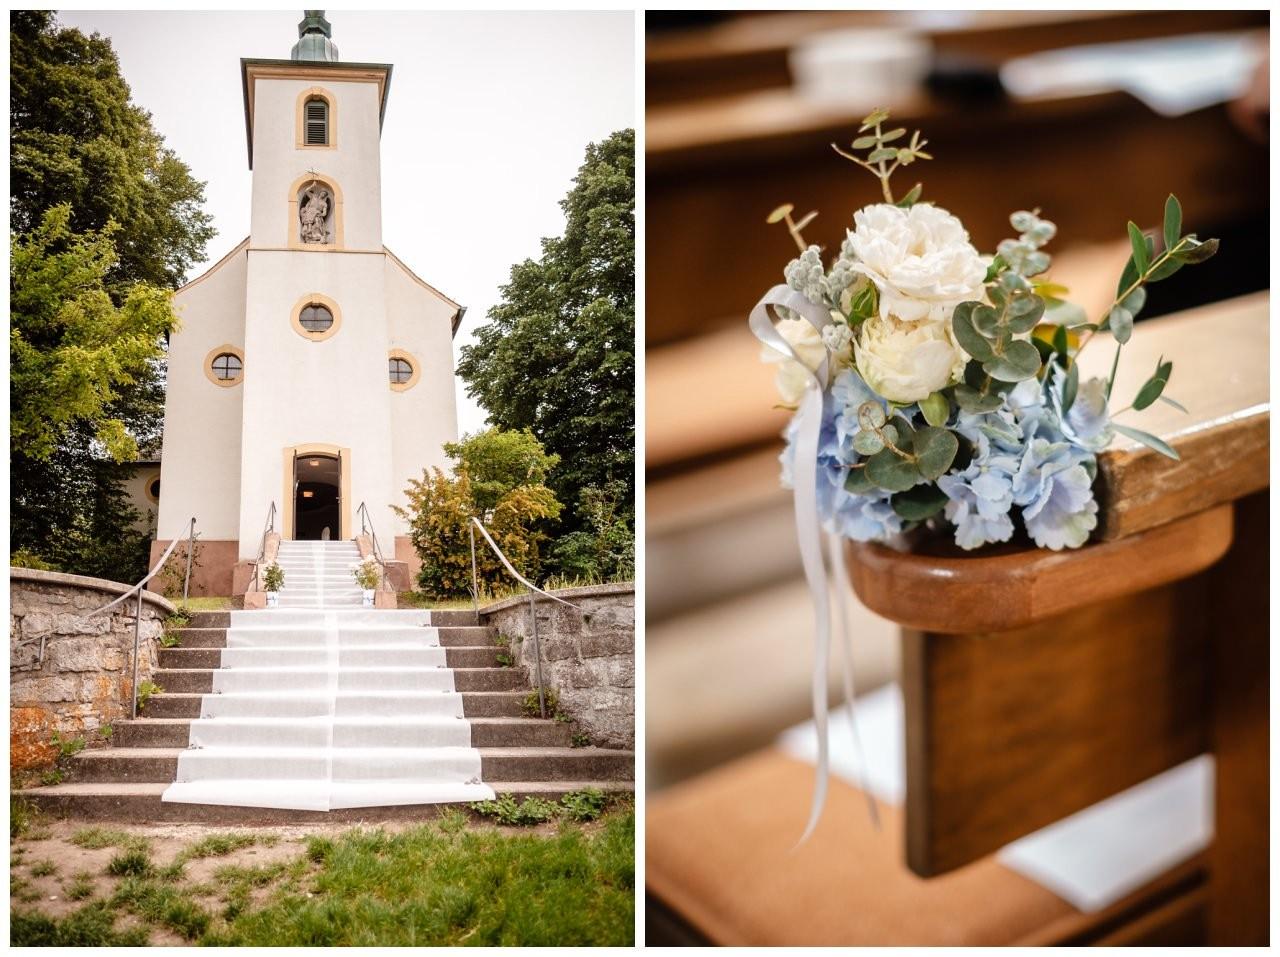 Hochzeit Eventmuehle Kraichgau heiraten Hochzeitsfotograf bayern 17 - Hochzeit in der Eventmühle Kraichgau